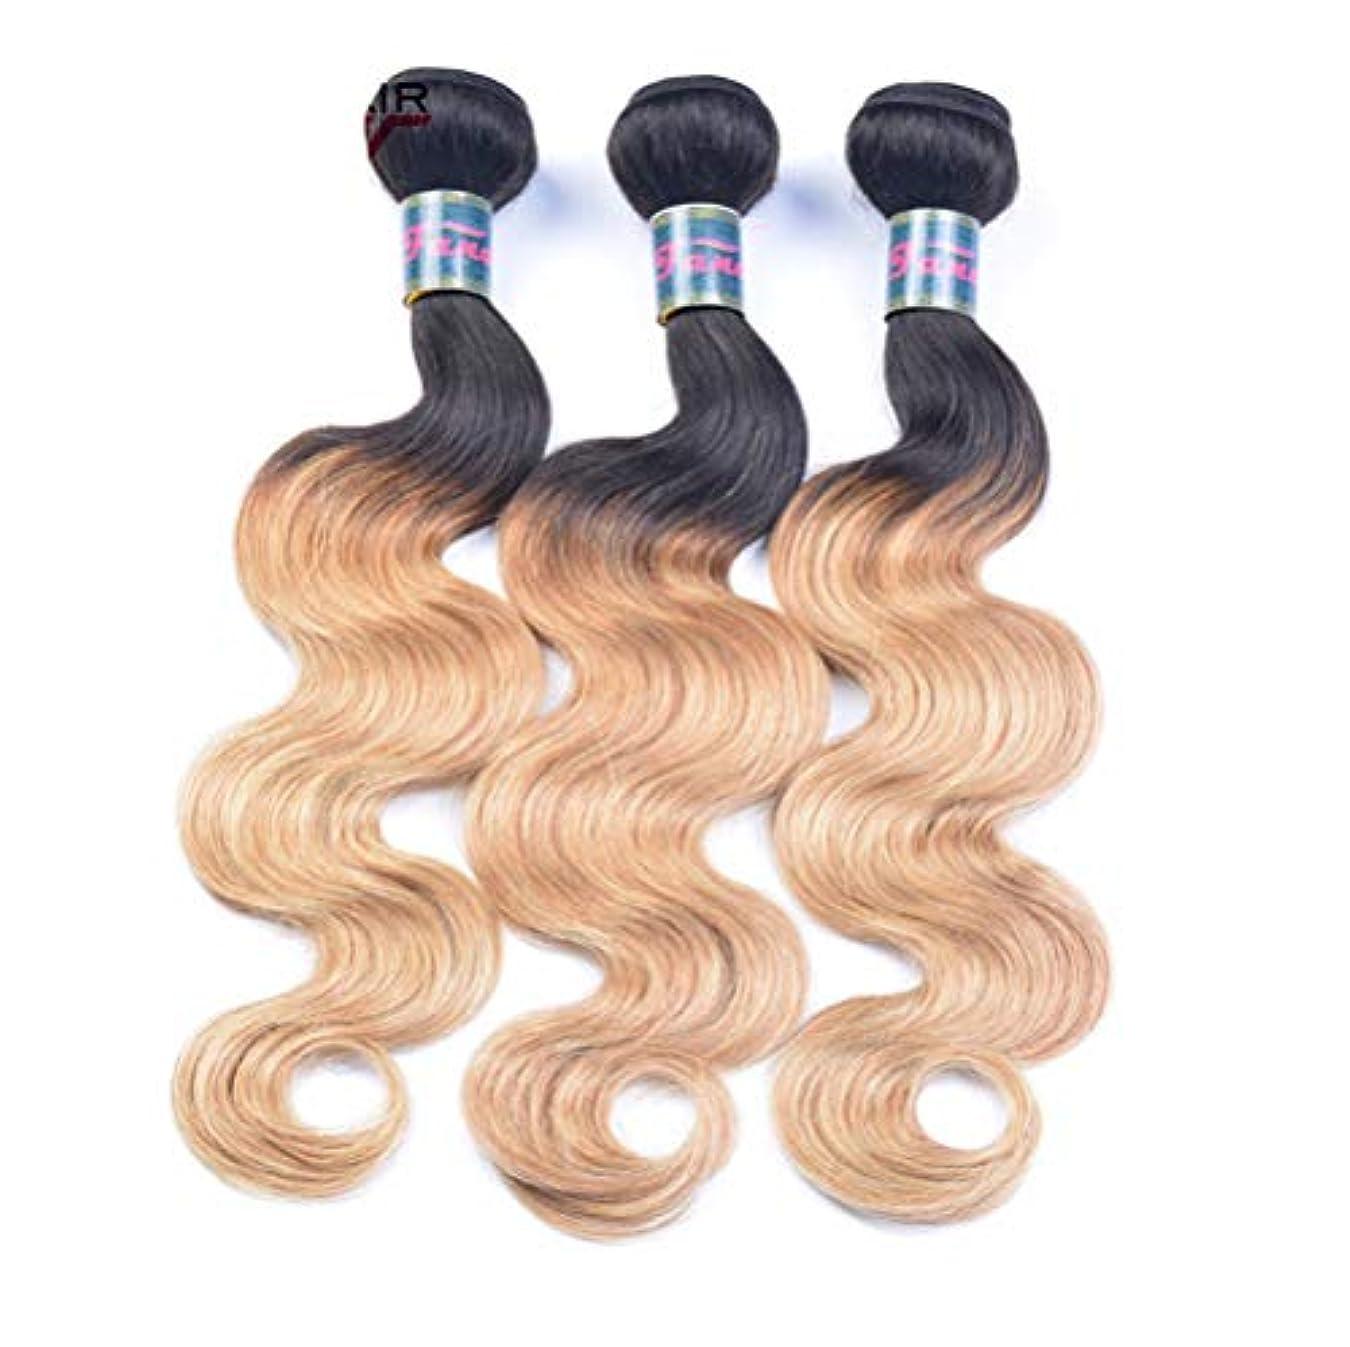 カートン潜む遅いブラジルの髪織り髪バンドル実体波1バンドル髪バンドル実体波人間の髪の毛のグラデーション